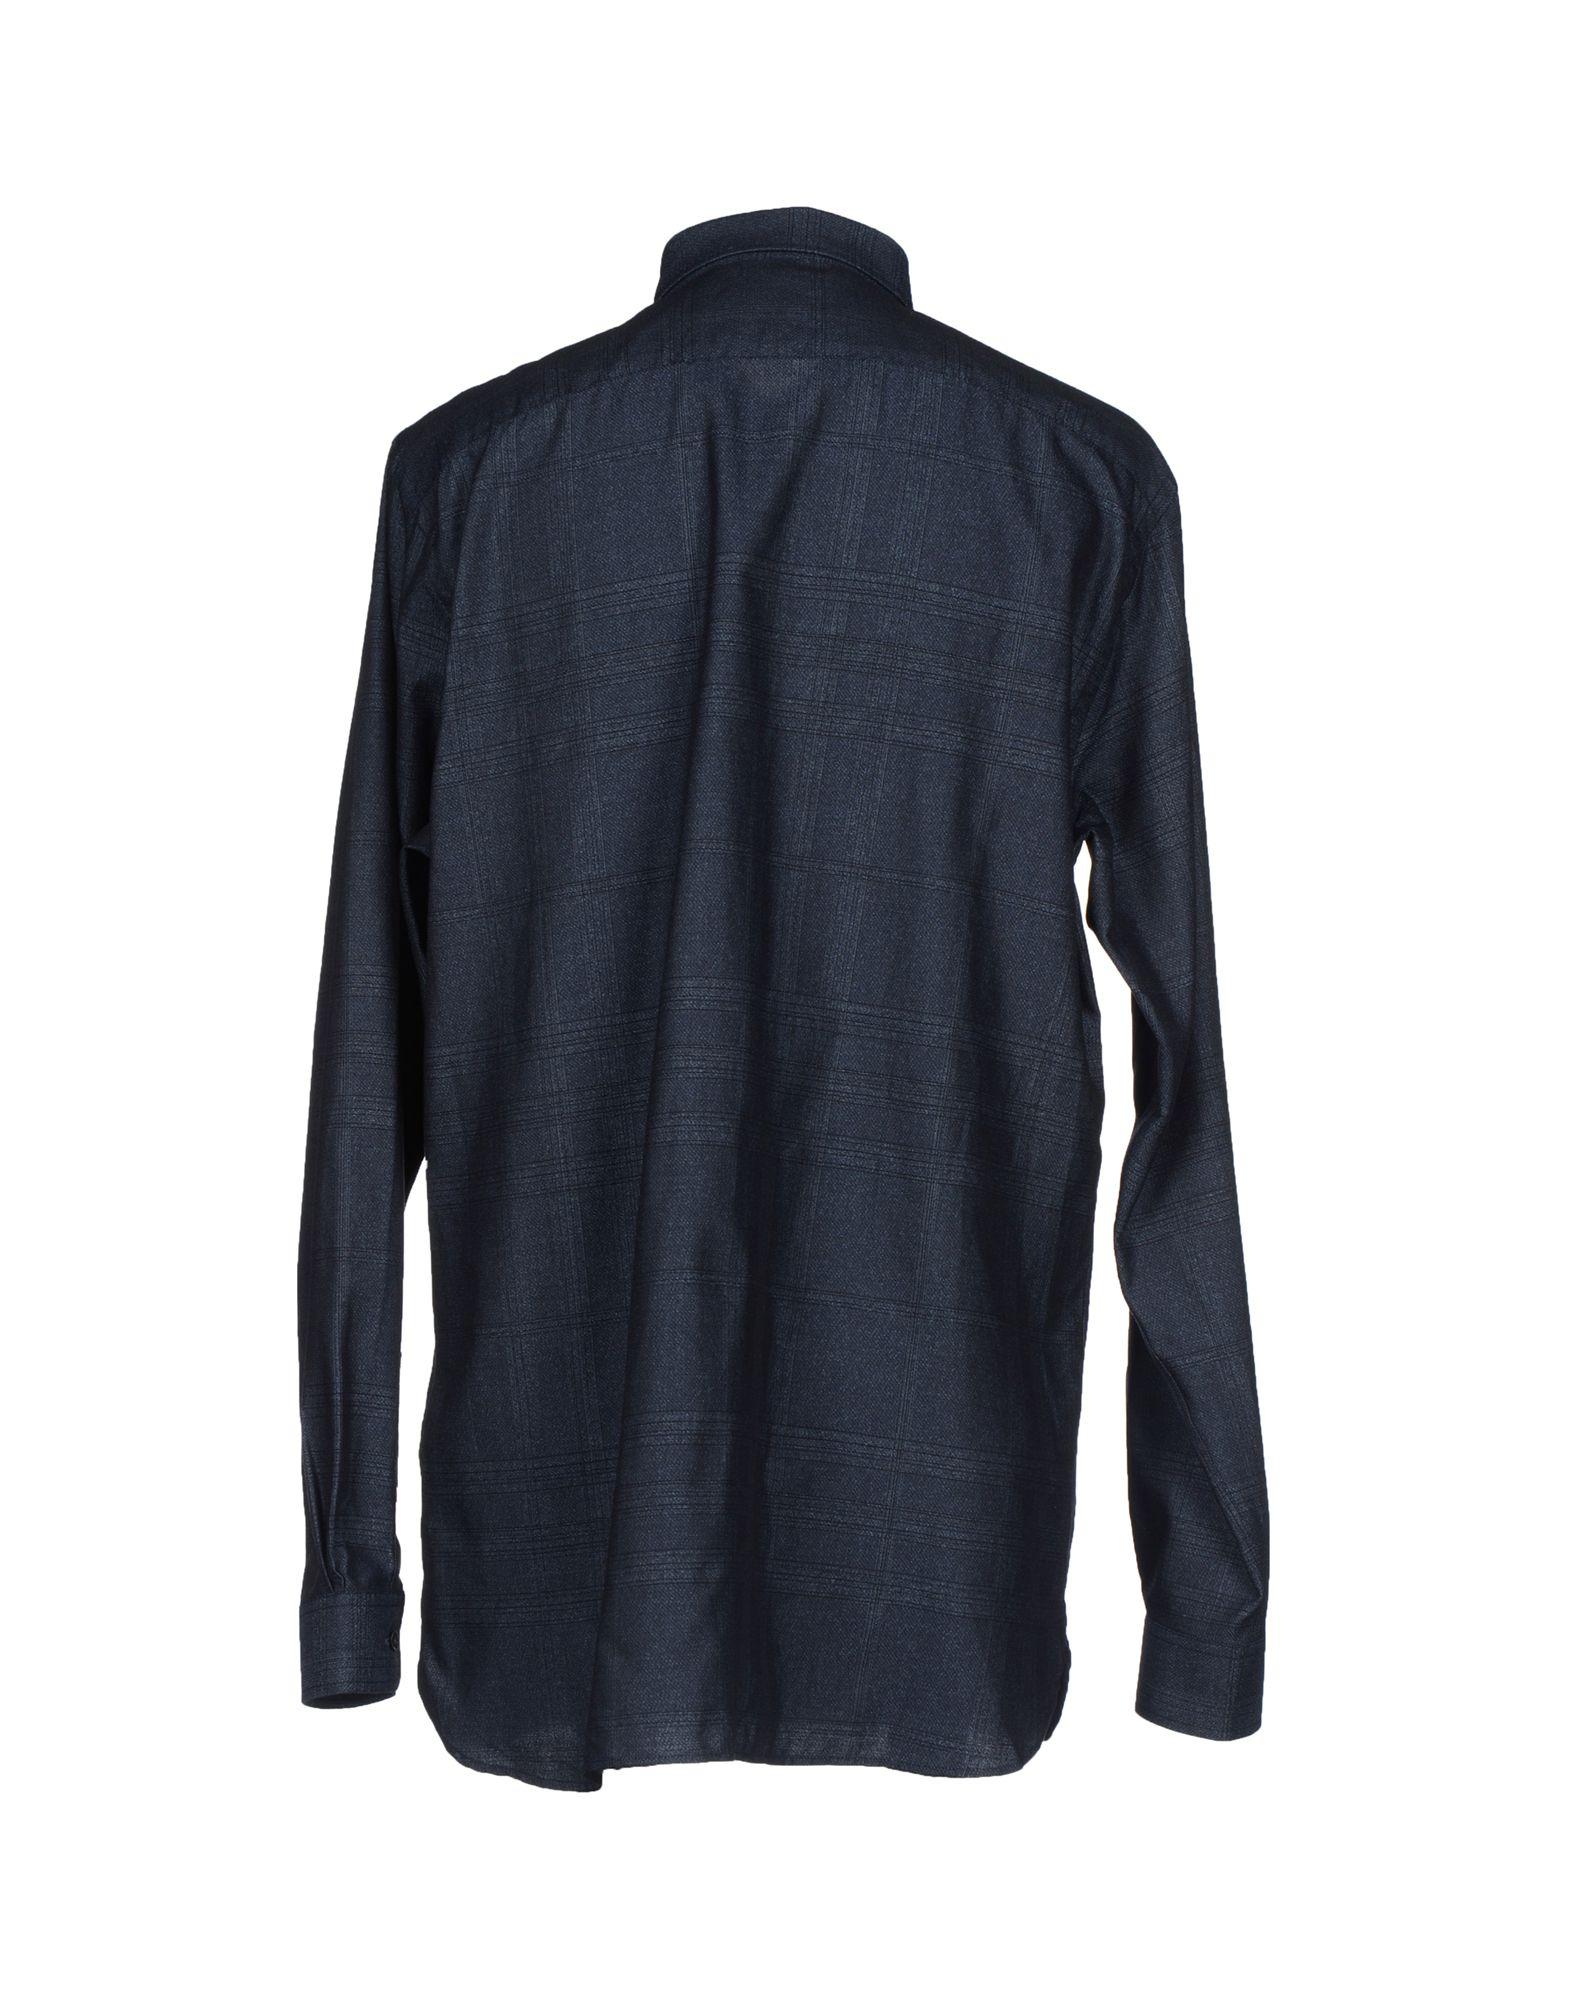 Burberry London Shirt In Blue For Men Slate Blue Lyst